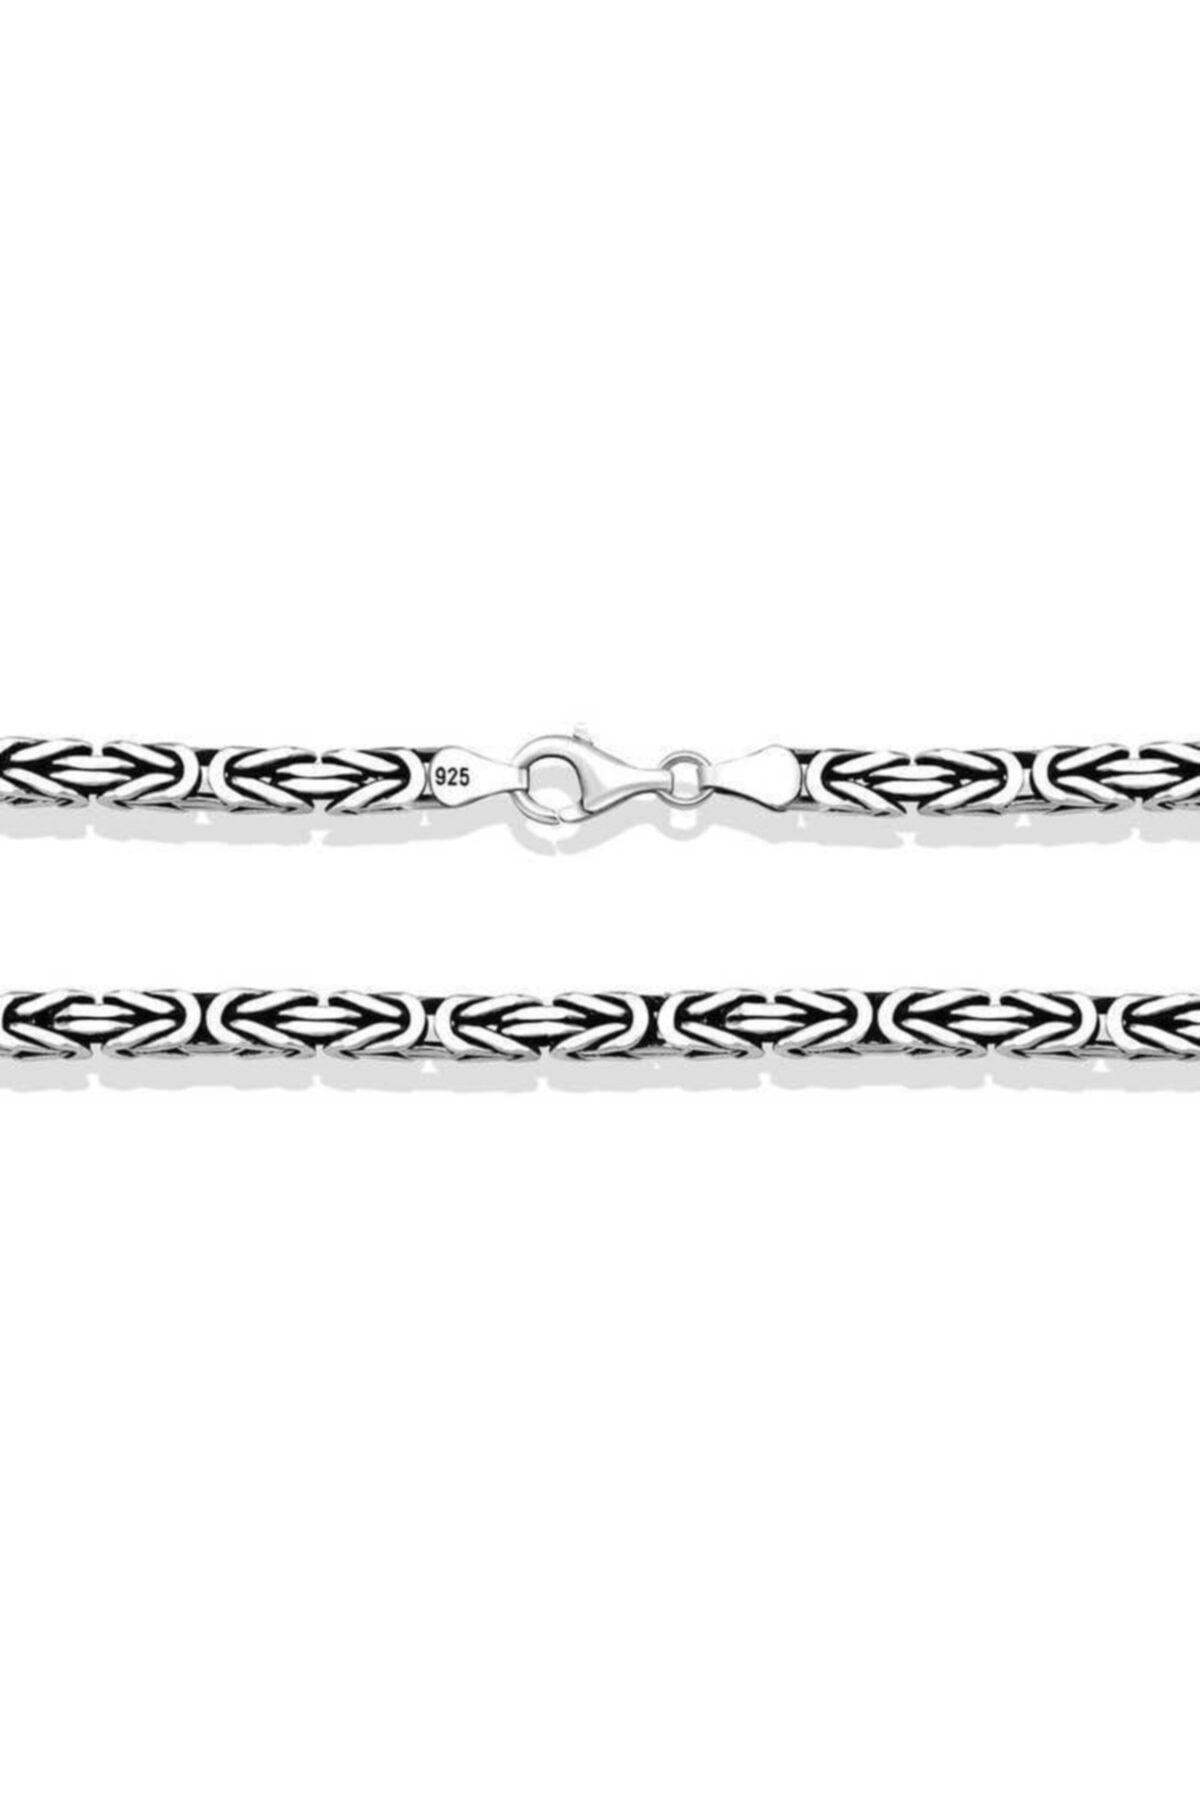 Gumush Gümüş Kral Zincir - 10 Mm Köşeli 1